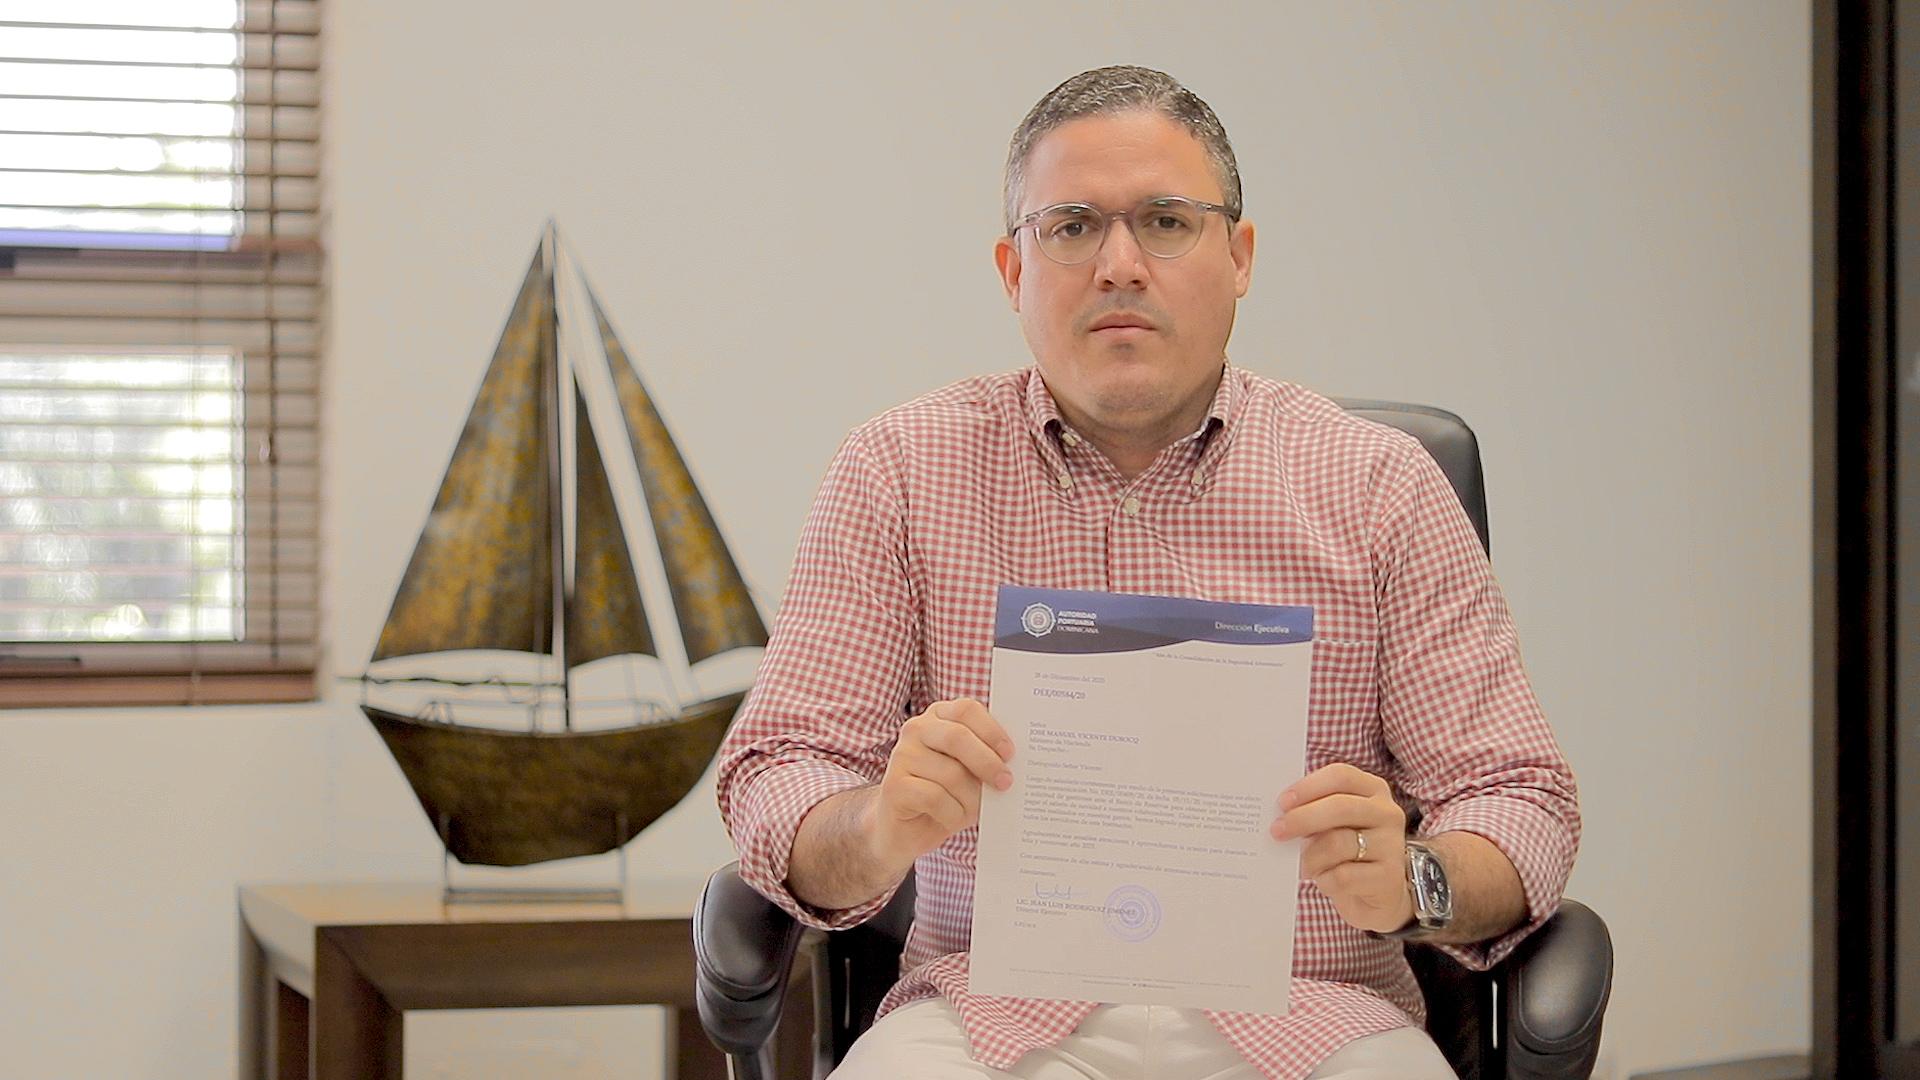 Autoridad Portuaria cancela préstamo con el Ministerio de Hacienda para pagar regalía